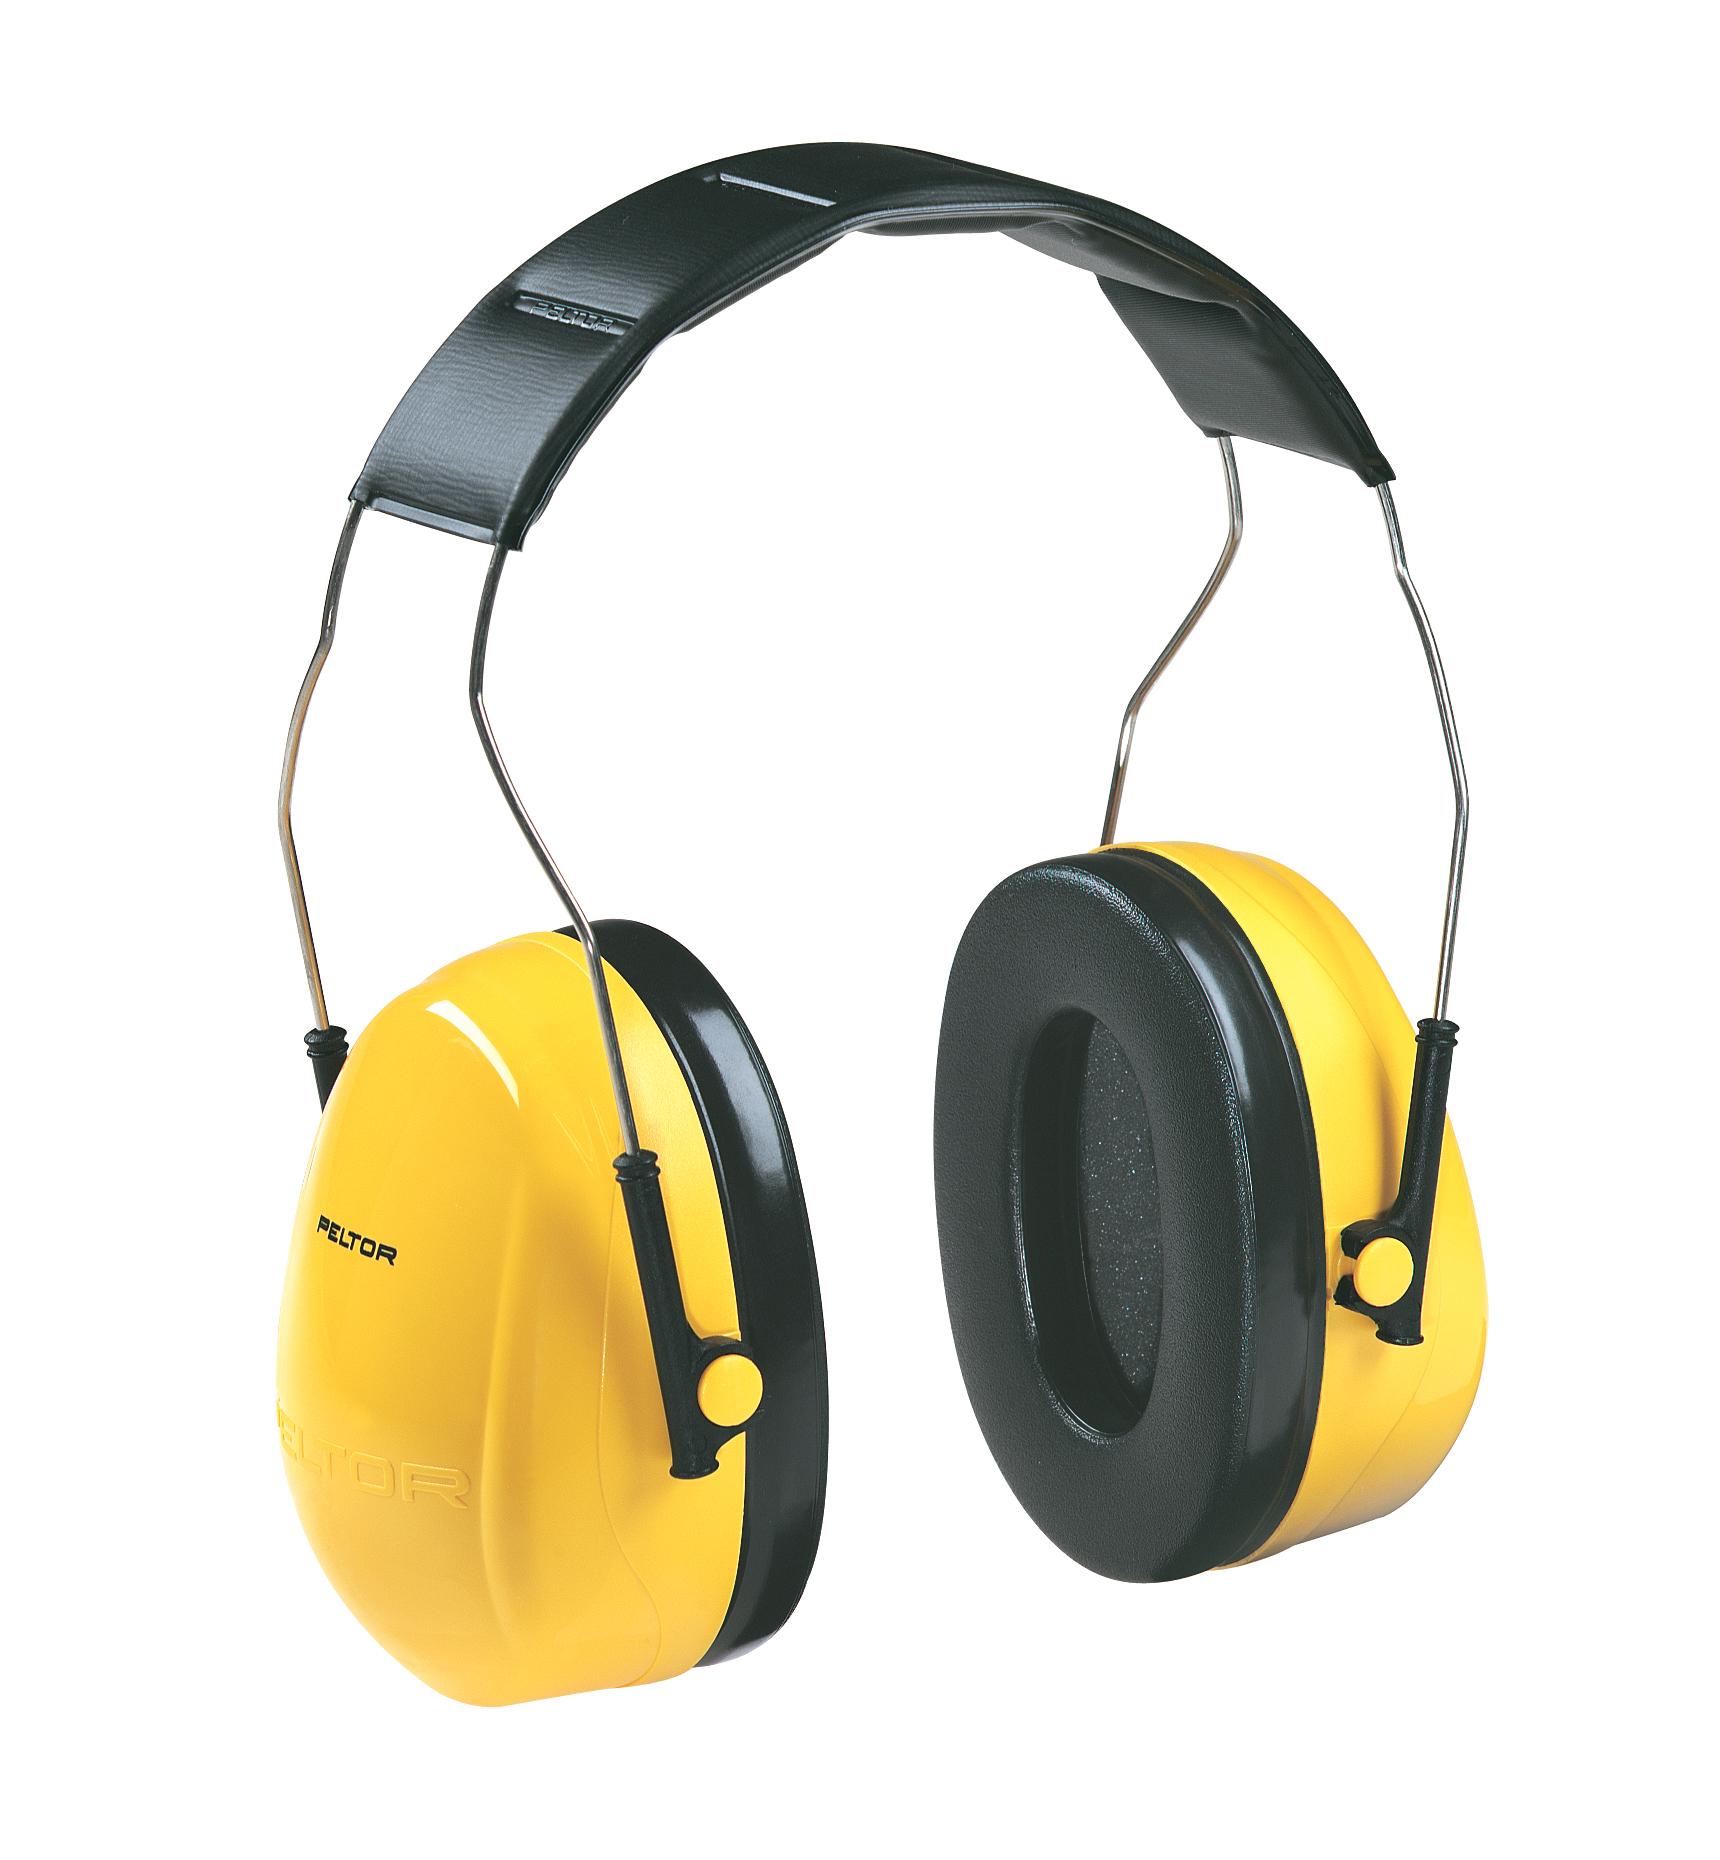 3M Peltor Optime 98 Over-The-Head Earmuffs